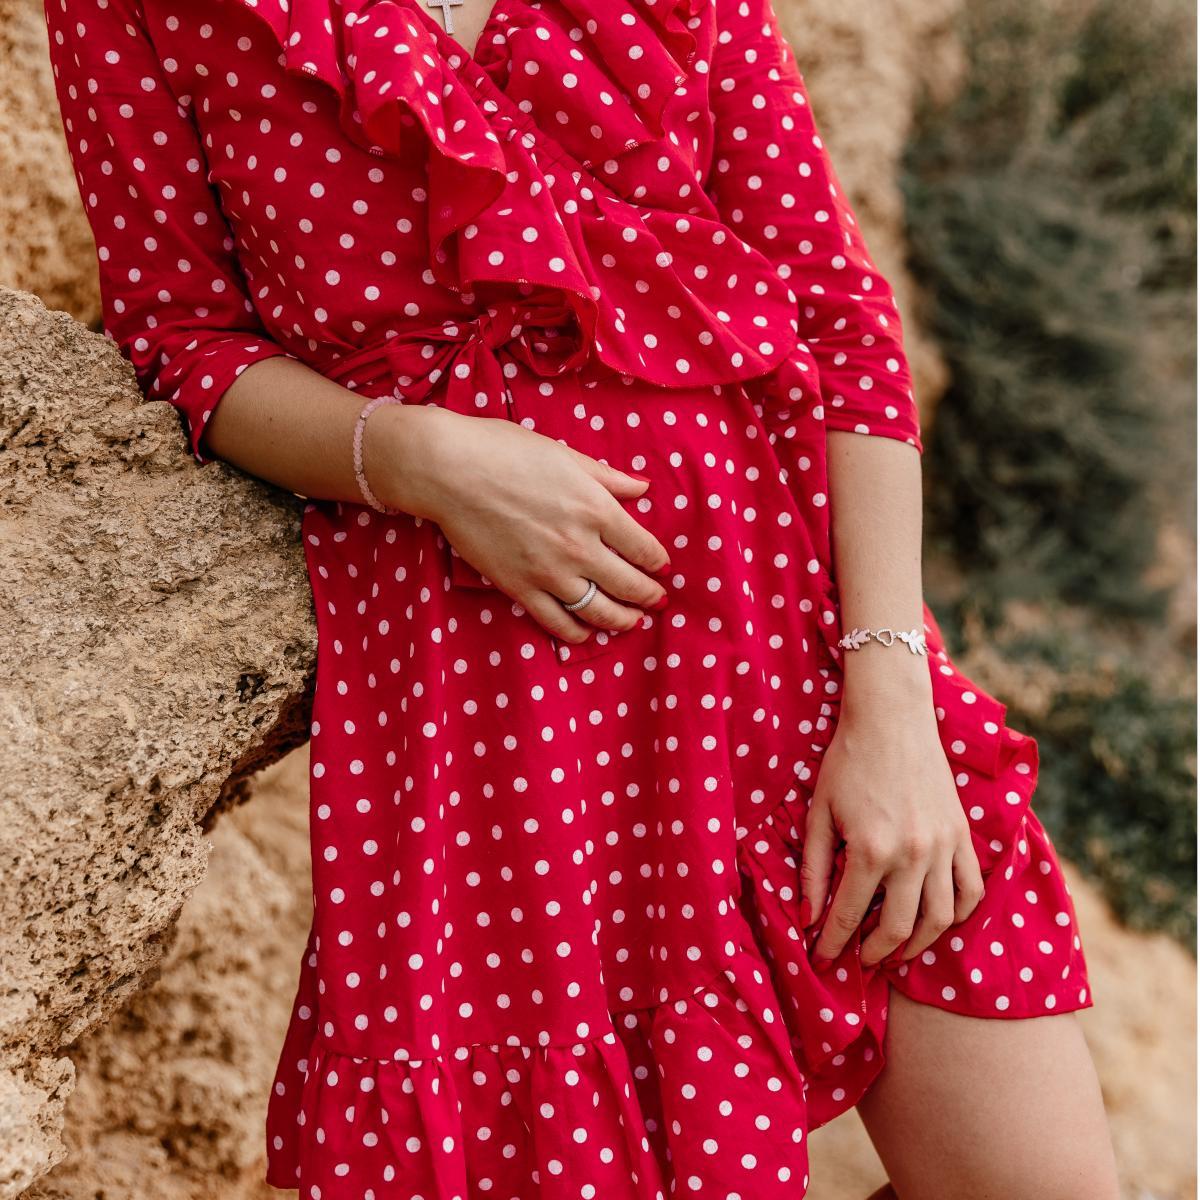 ¿Un bonito vestido rojo de tela Dacron para celebrar esos eventos especiales?   #ImaginaTodoloquePuedesCrear #Crealo #Diseñalo #Imagínalo #Crea #Imagina #Diseña